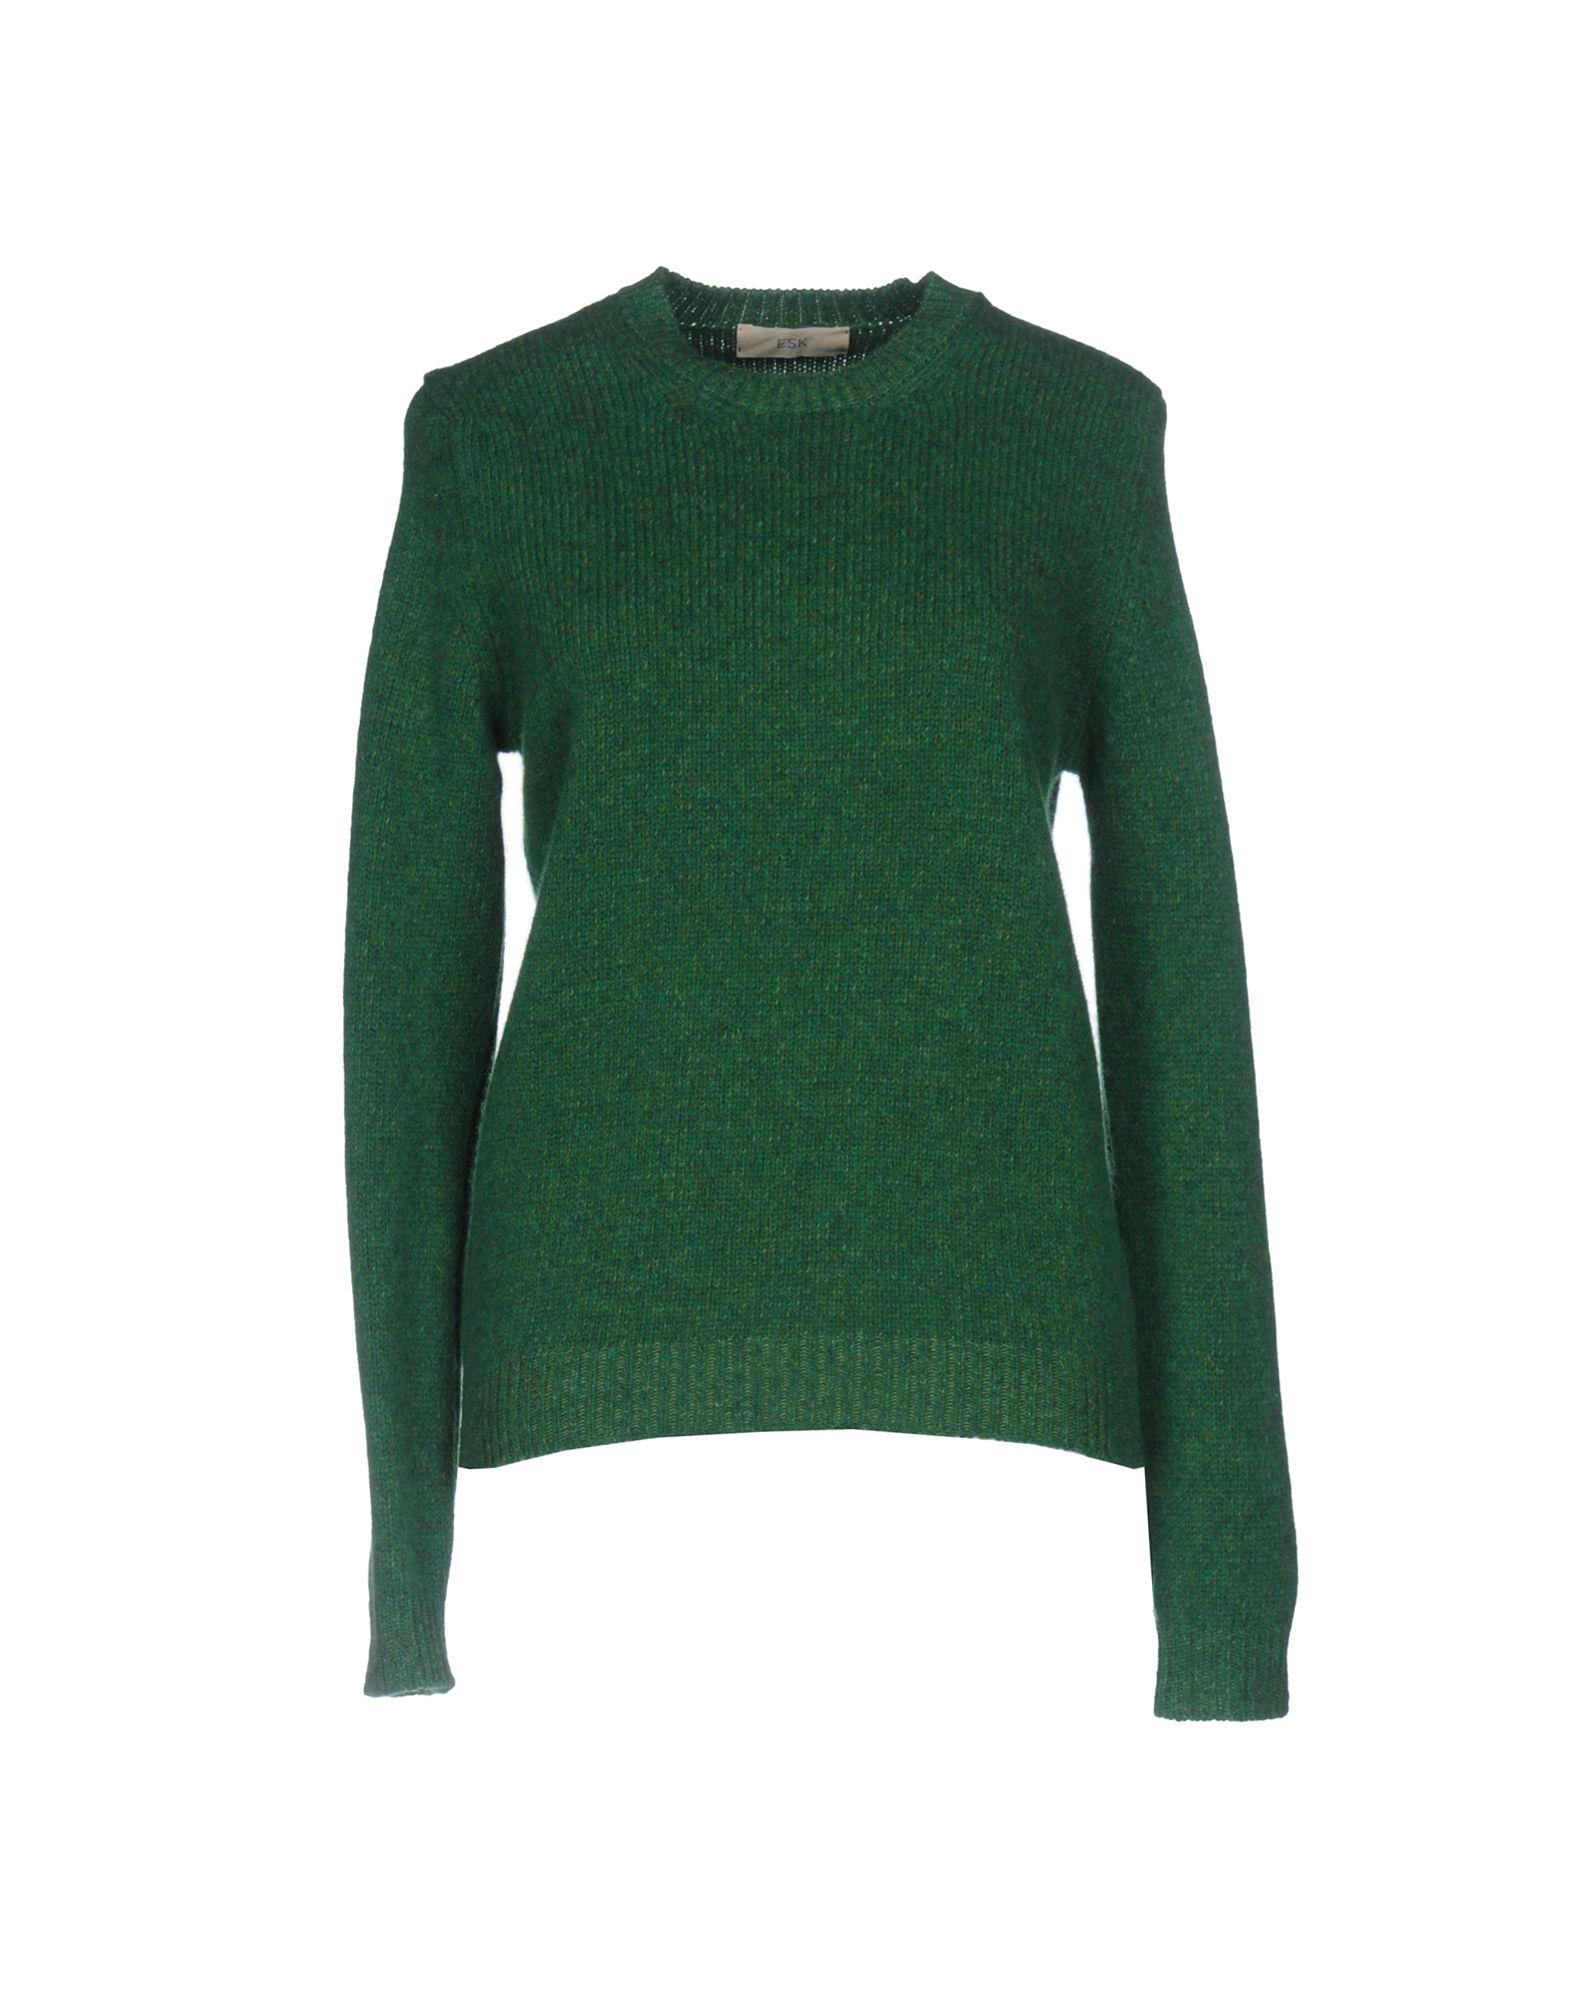 ESK Sweater in Green